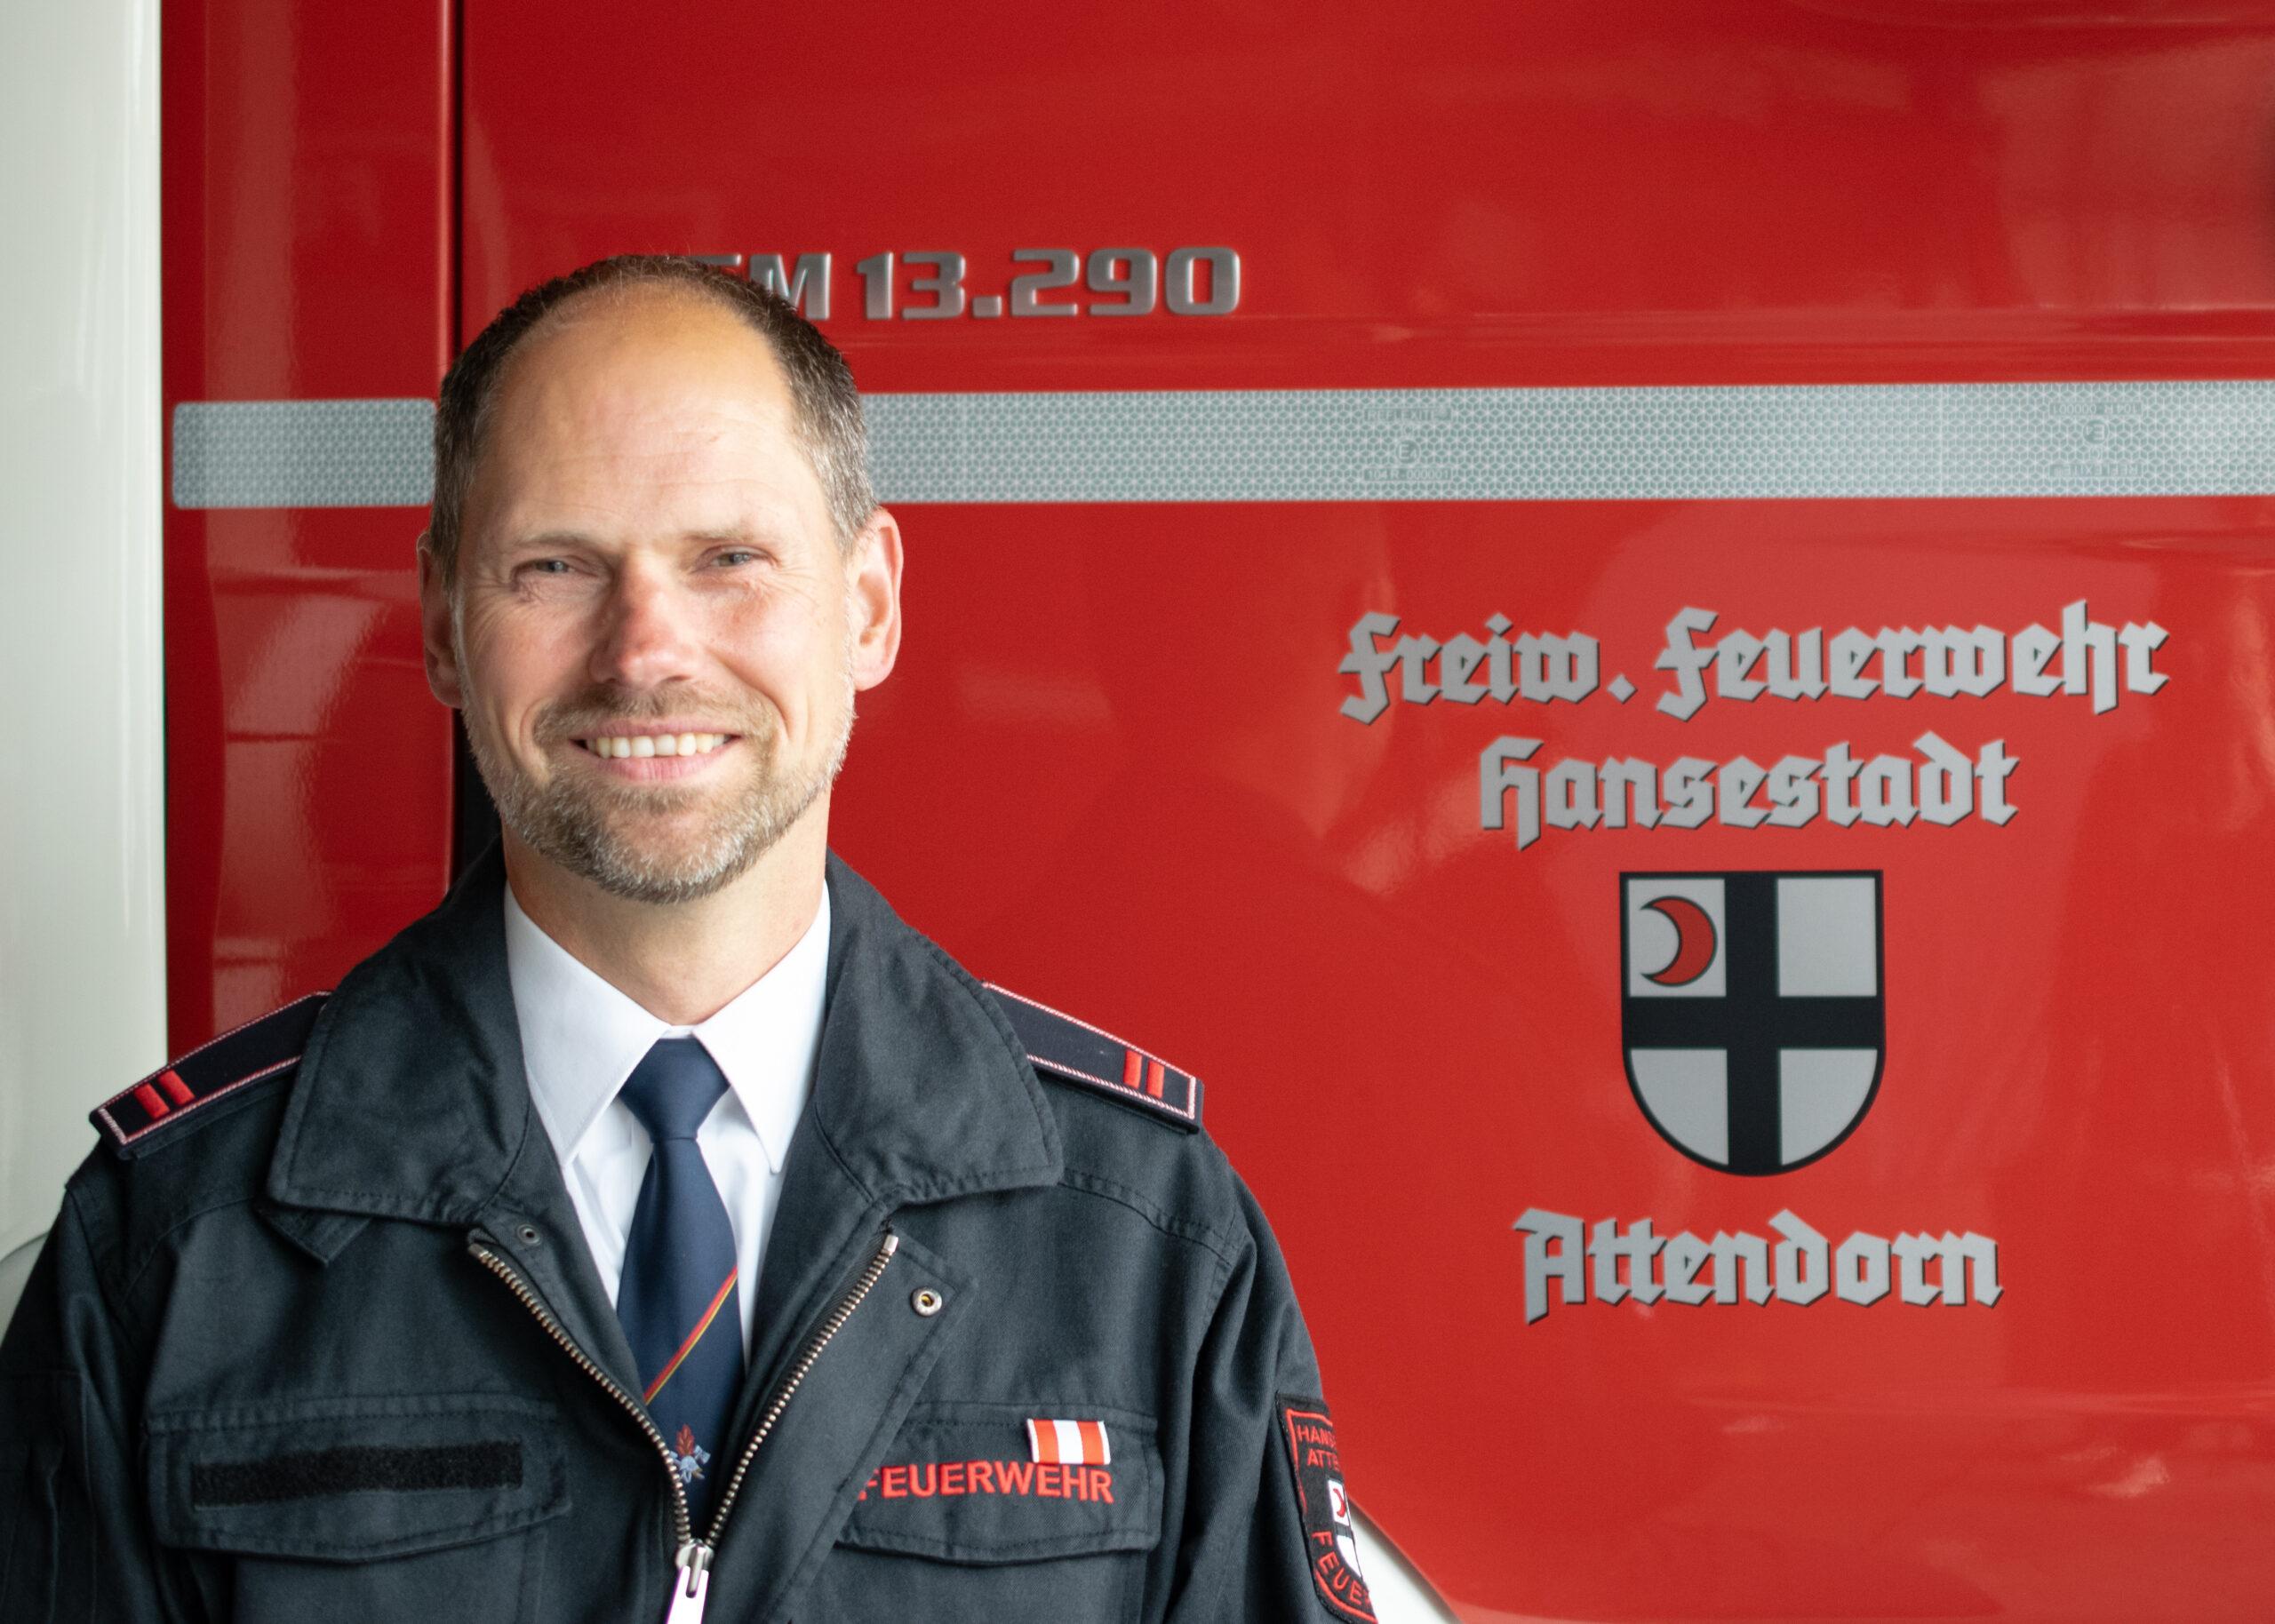 Mirko Scheppe